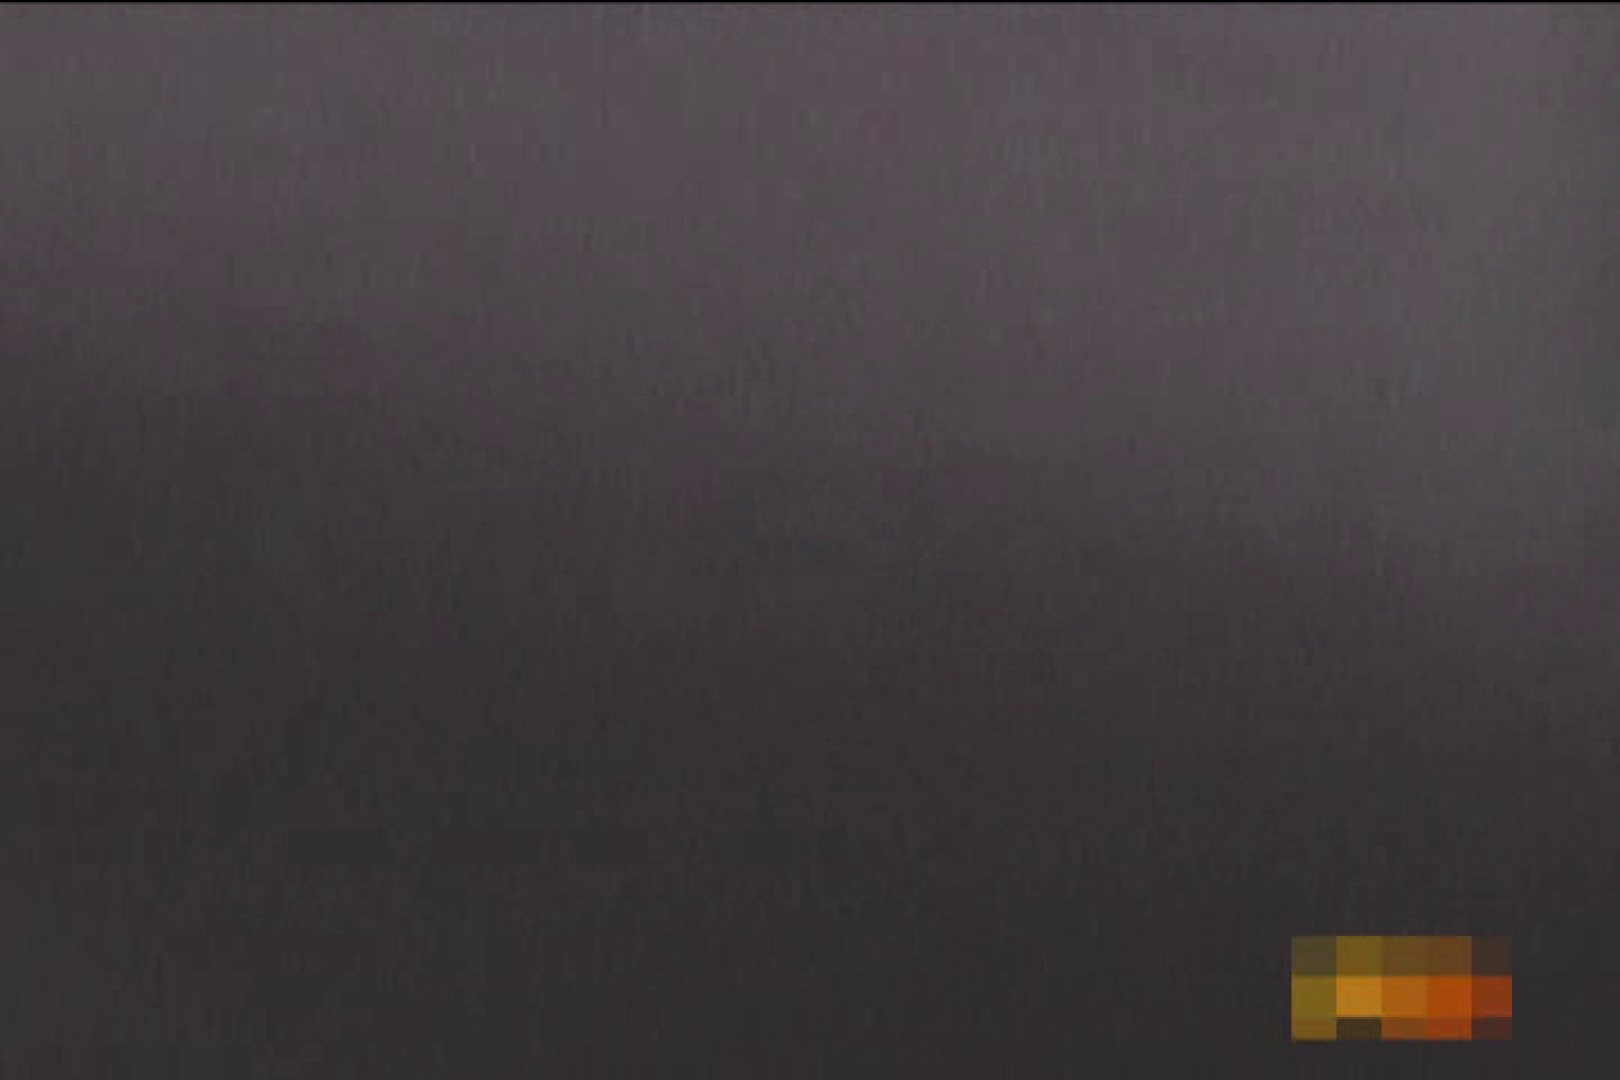 大胆露出胸チラギャル大量発生中!!Vol.2 ギャル エロ無料画像 33連発 24